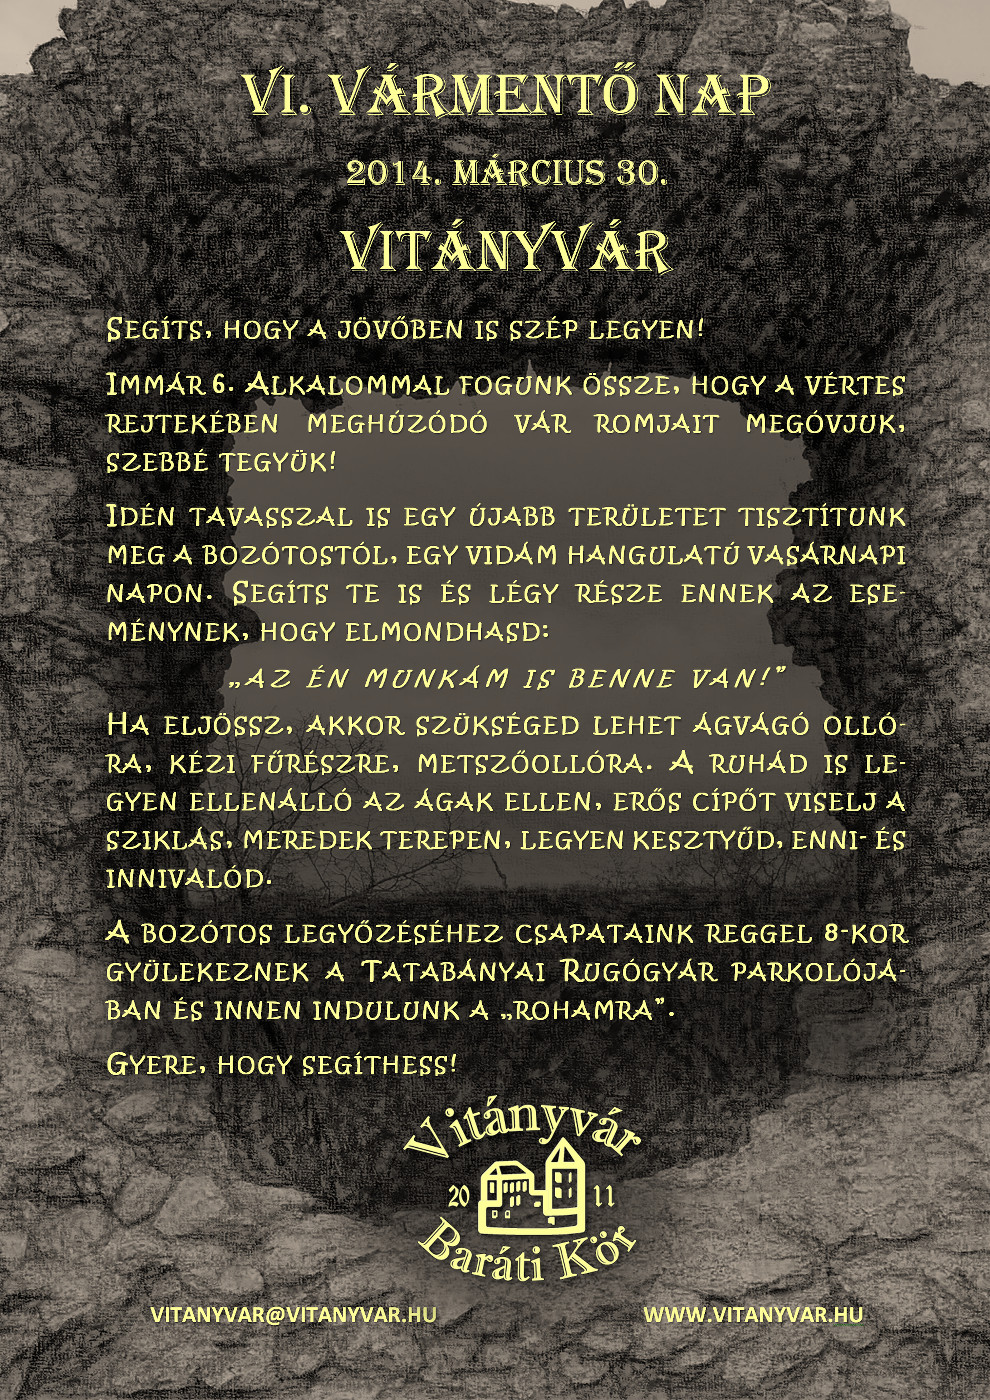 VI. Vitányvár nap - Meghívó